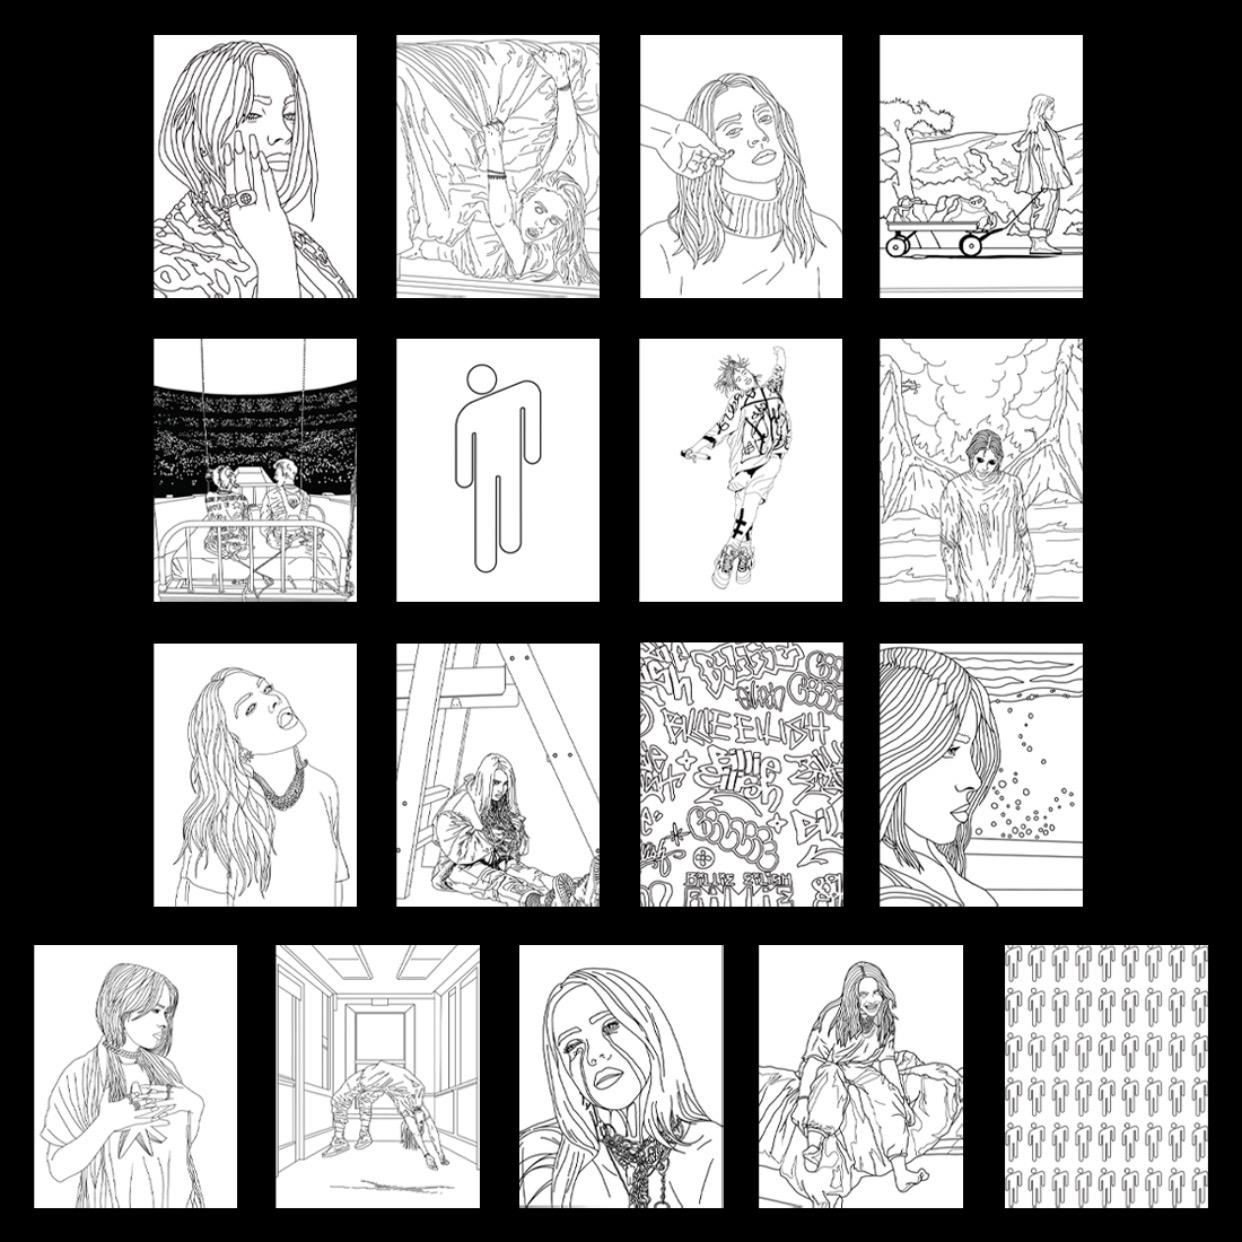 https://www.billieforum.com/media/coloring_book-jpg.4265/full